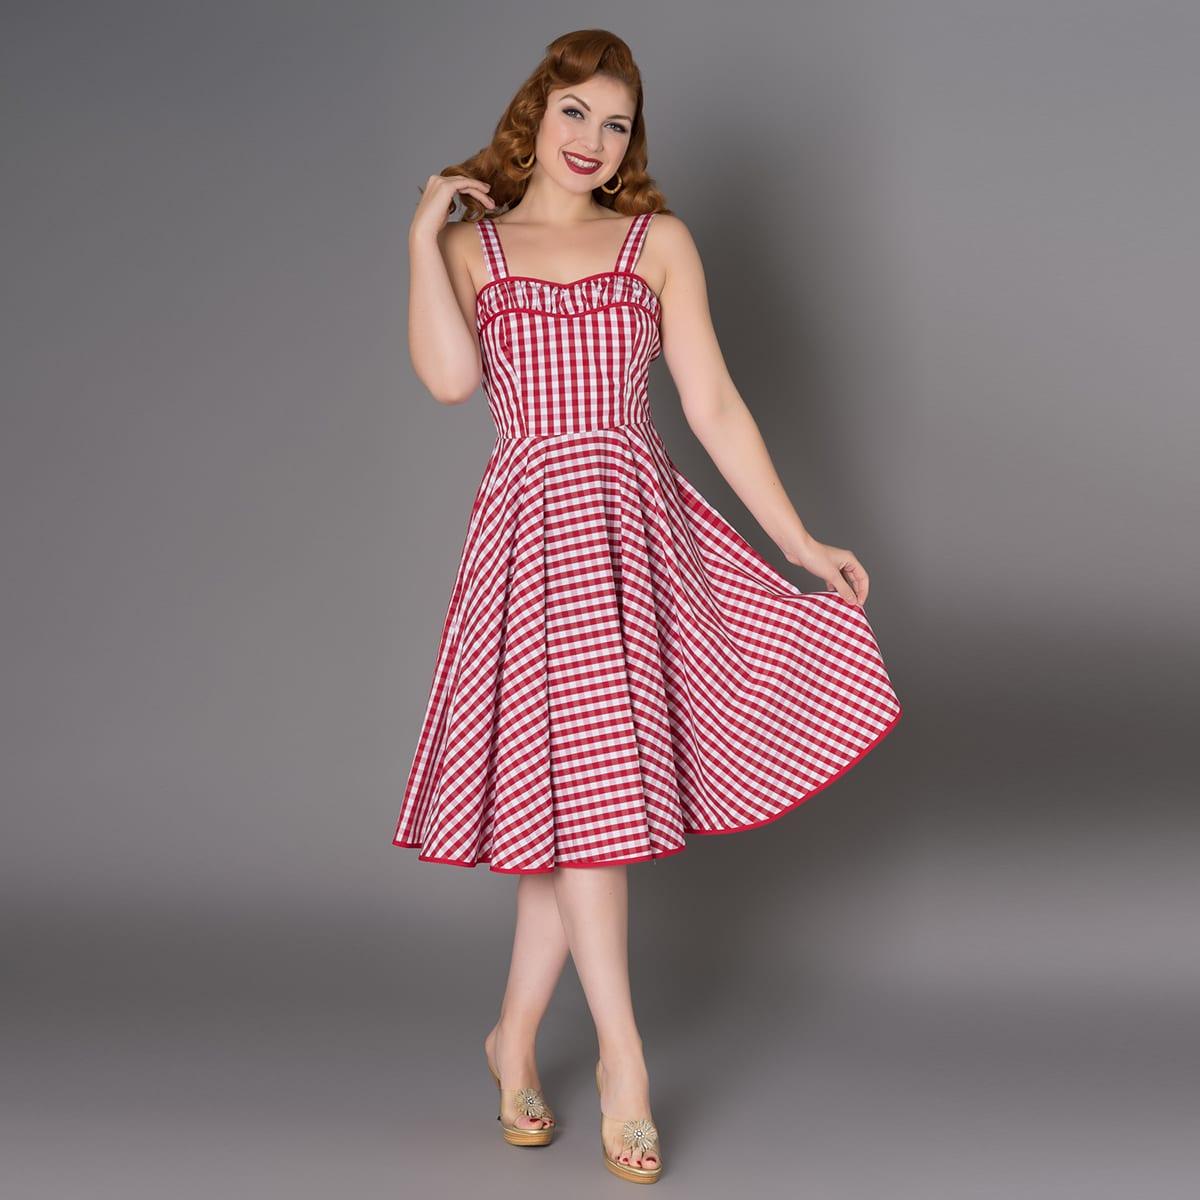 SHEEN gingham röd vintage klänning